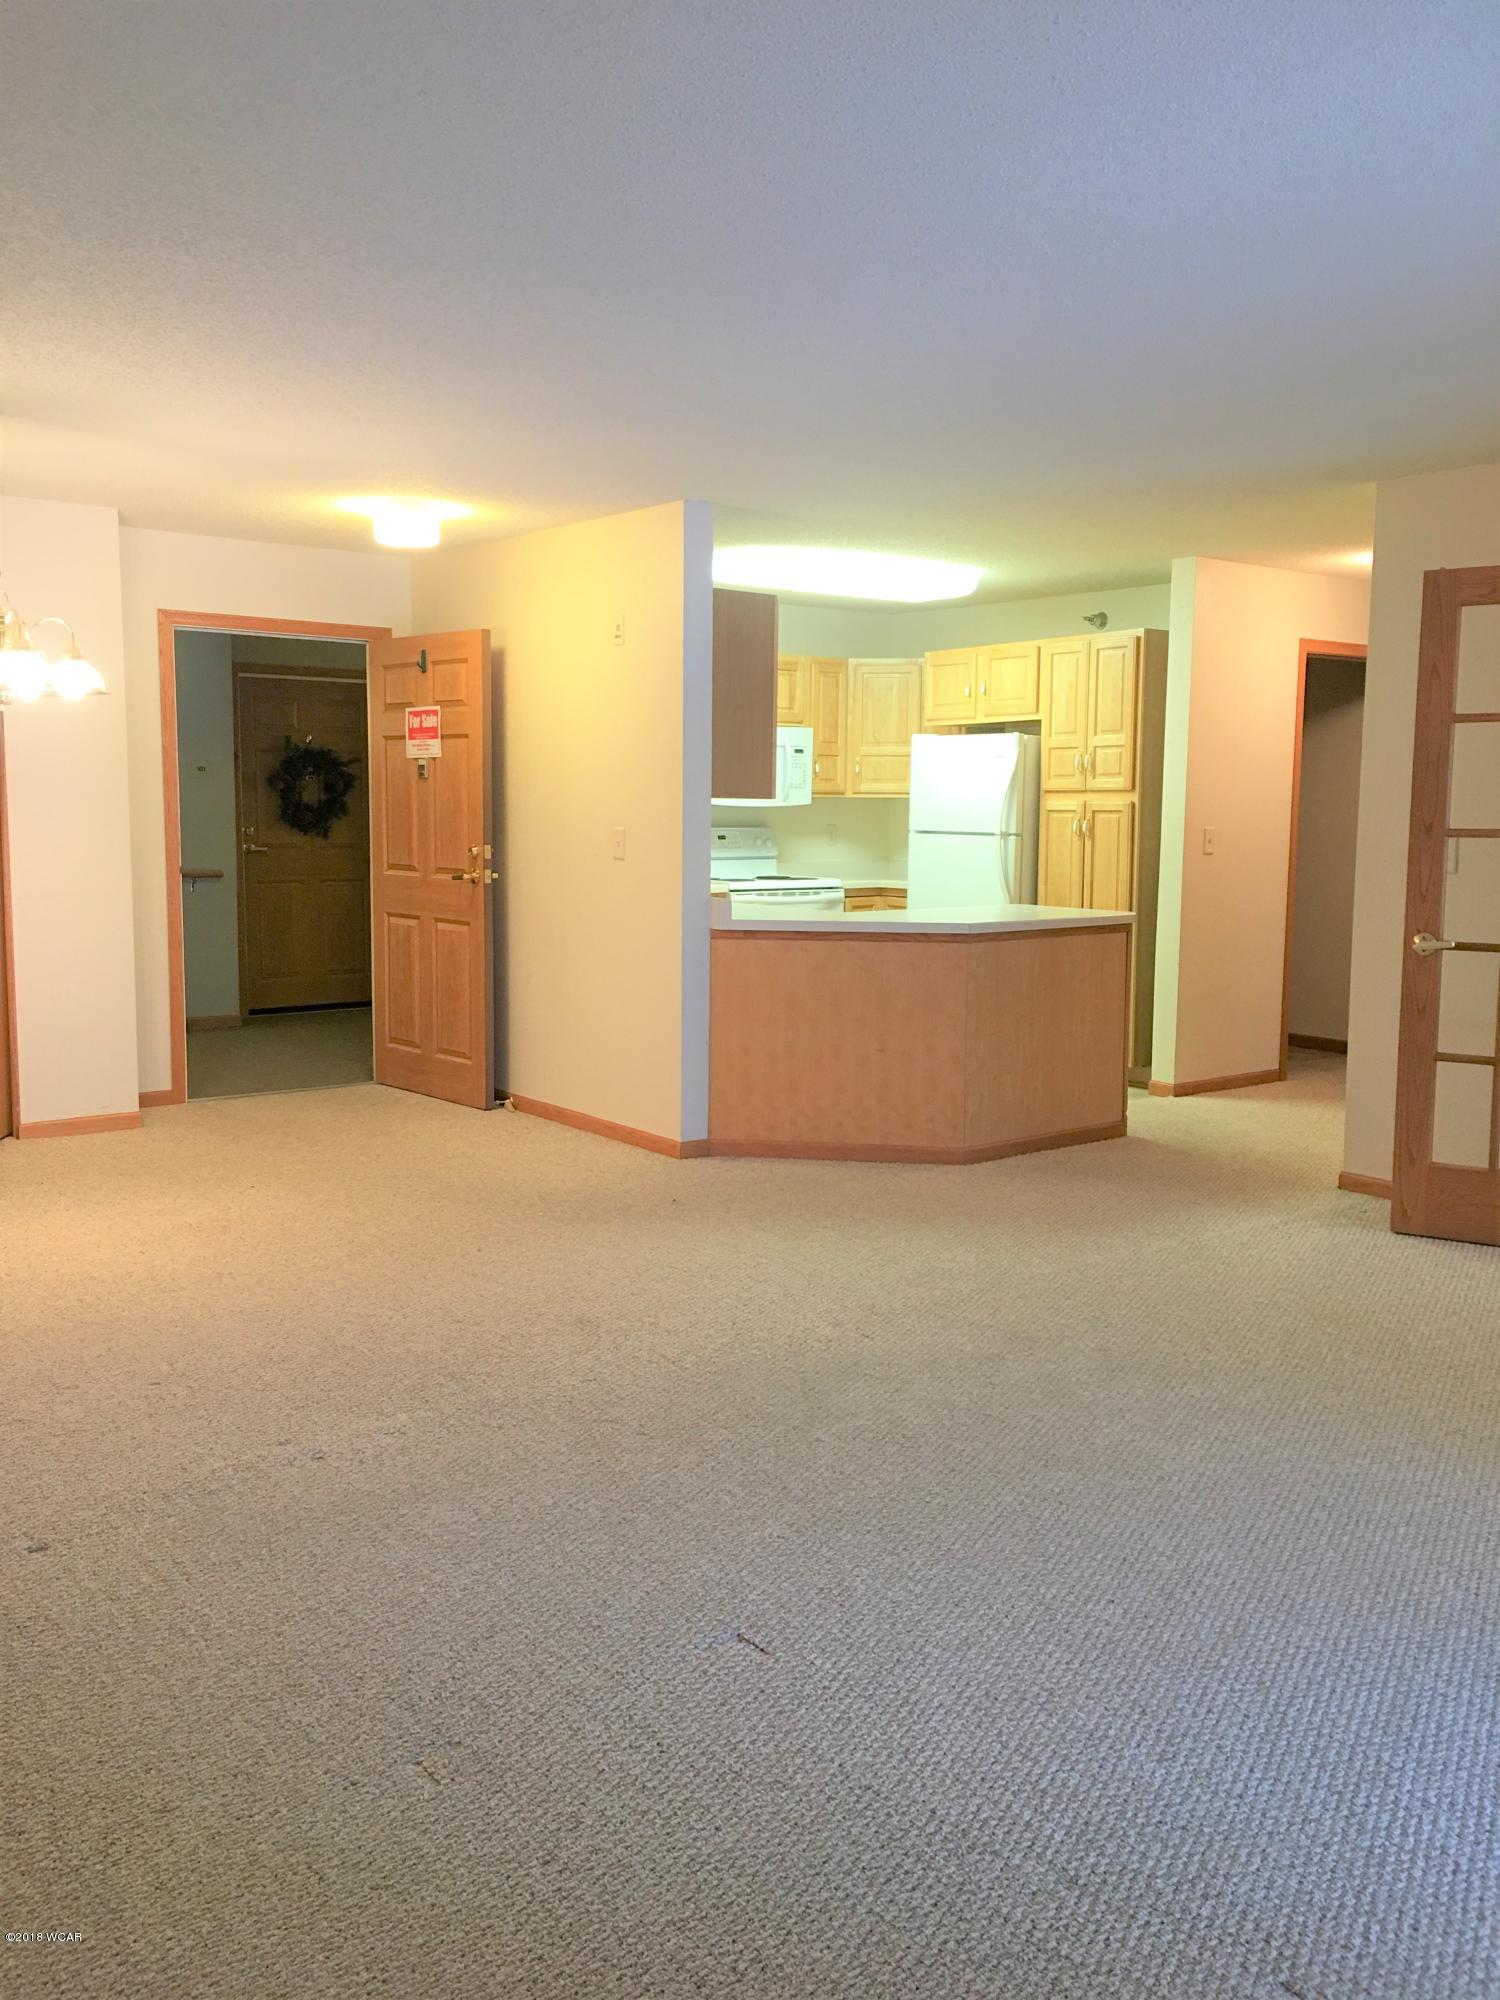 1400 Willmar Avenue,Willmar,1 Bedroom Bedrooms,1 BathroomBathrooms,Single Family,Willmar Avenue,6029271